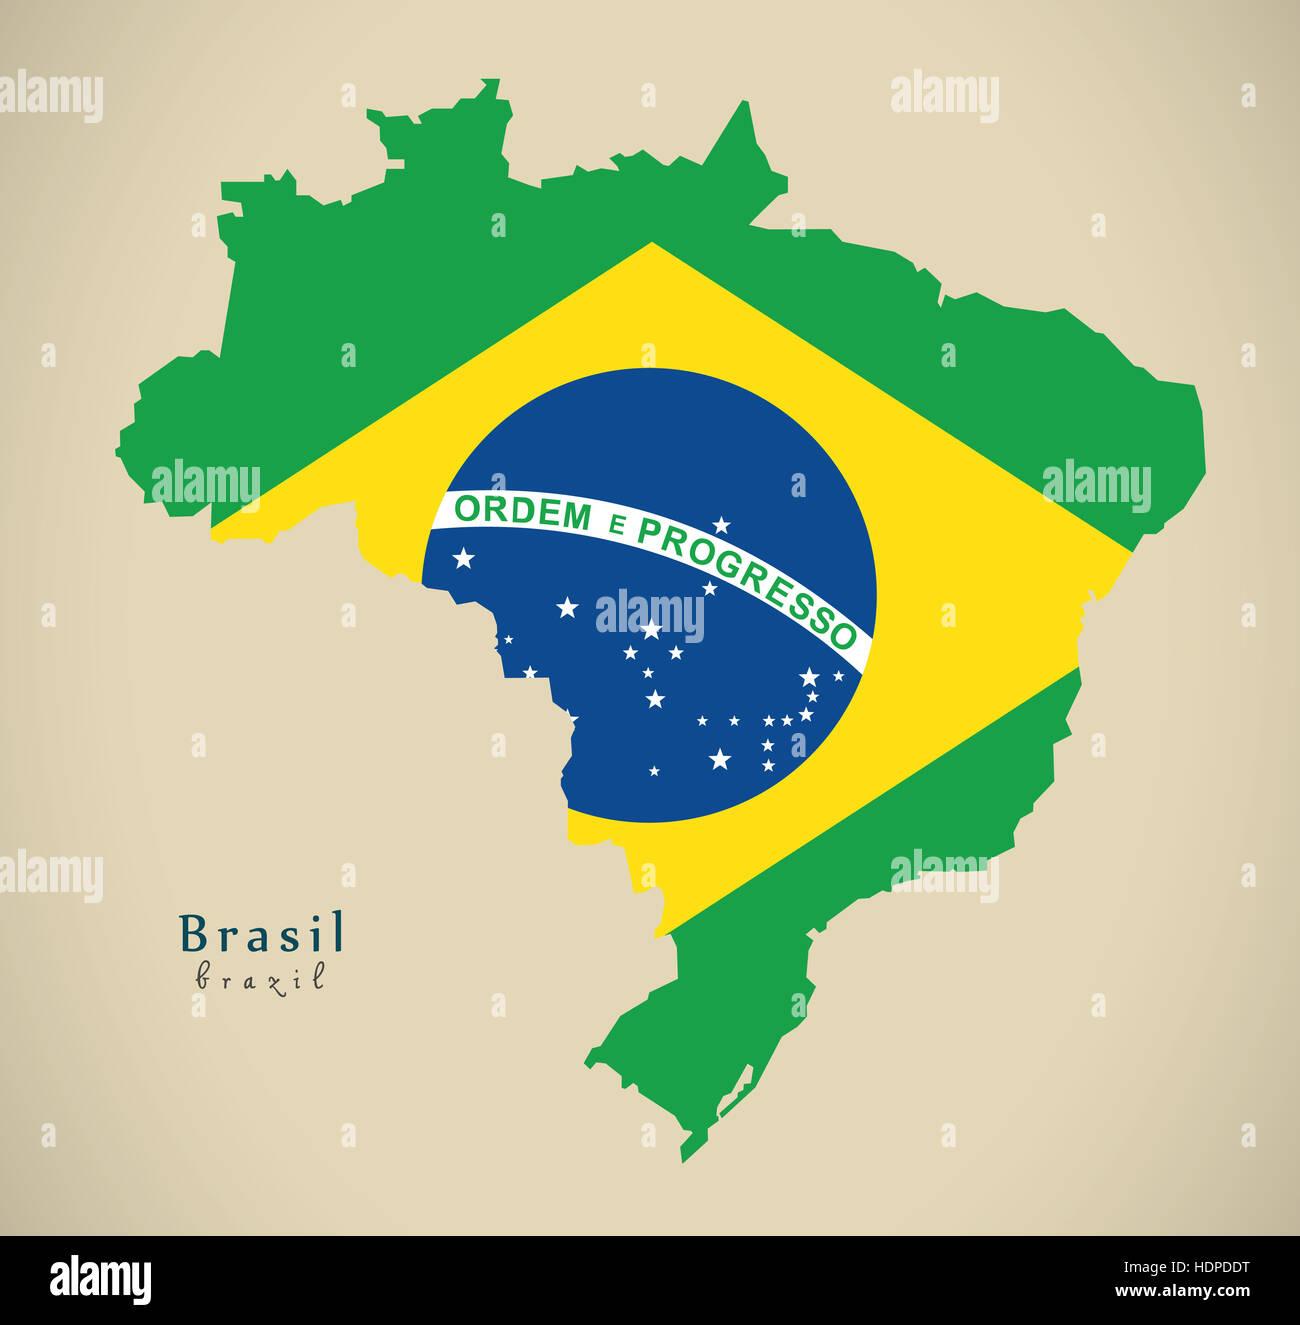 Modern Map - Brasil coloured BR Brazil Illustration - Stock Image